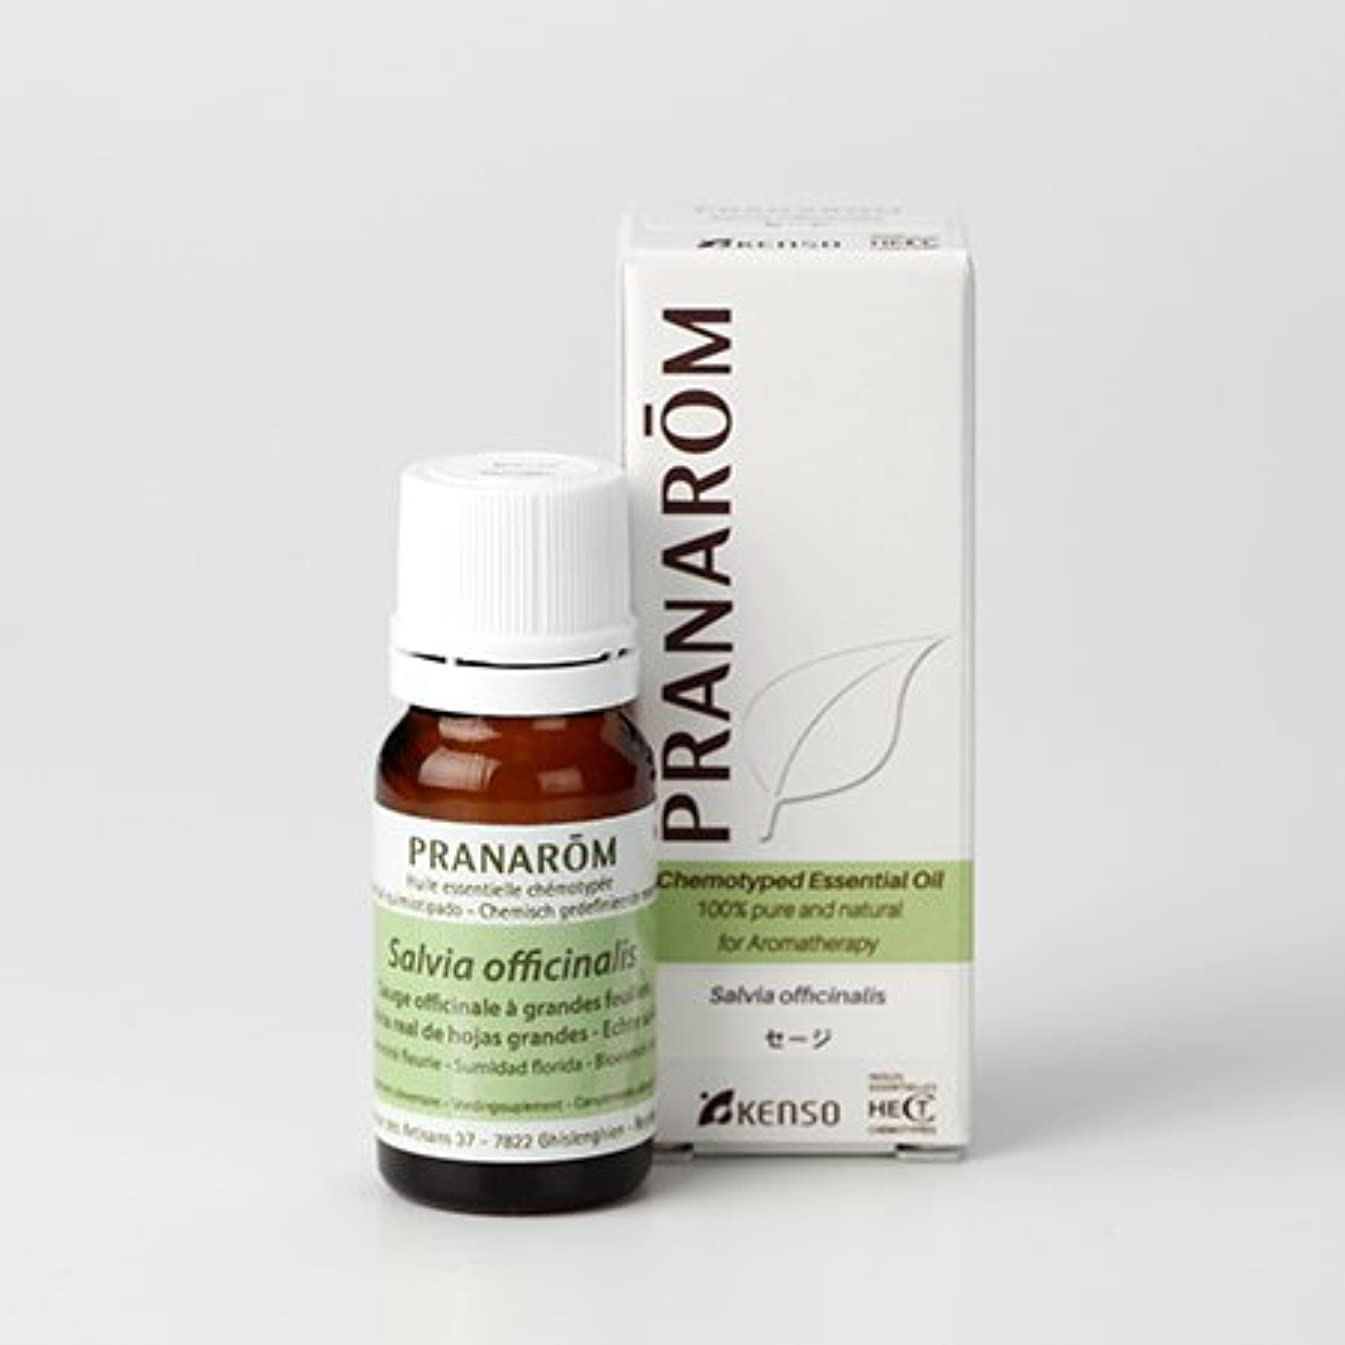 感度爵からかう【セージ 10ml】→樟脳のようなハッキリとした香り?(リフレッシュハーブ系)[PRANAROM(プラナロム)精油/アロマオイル/エッセンシャルオイル]P-164